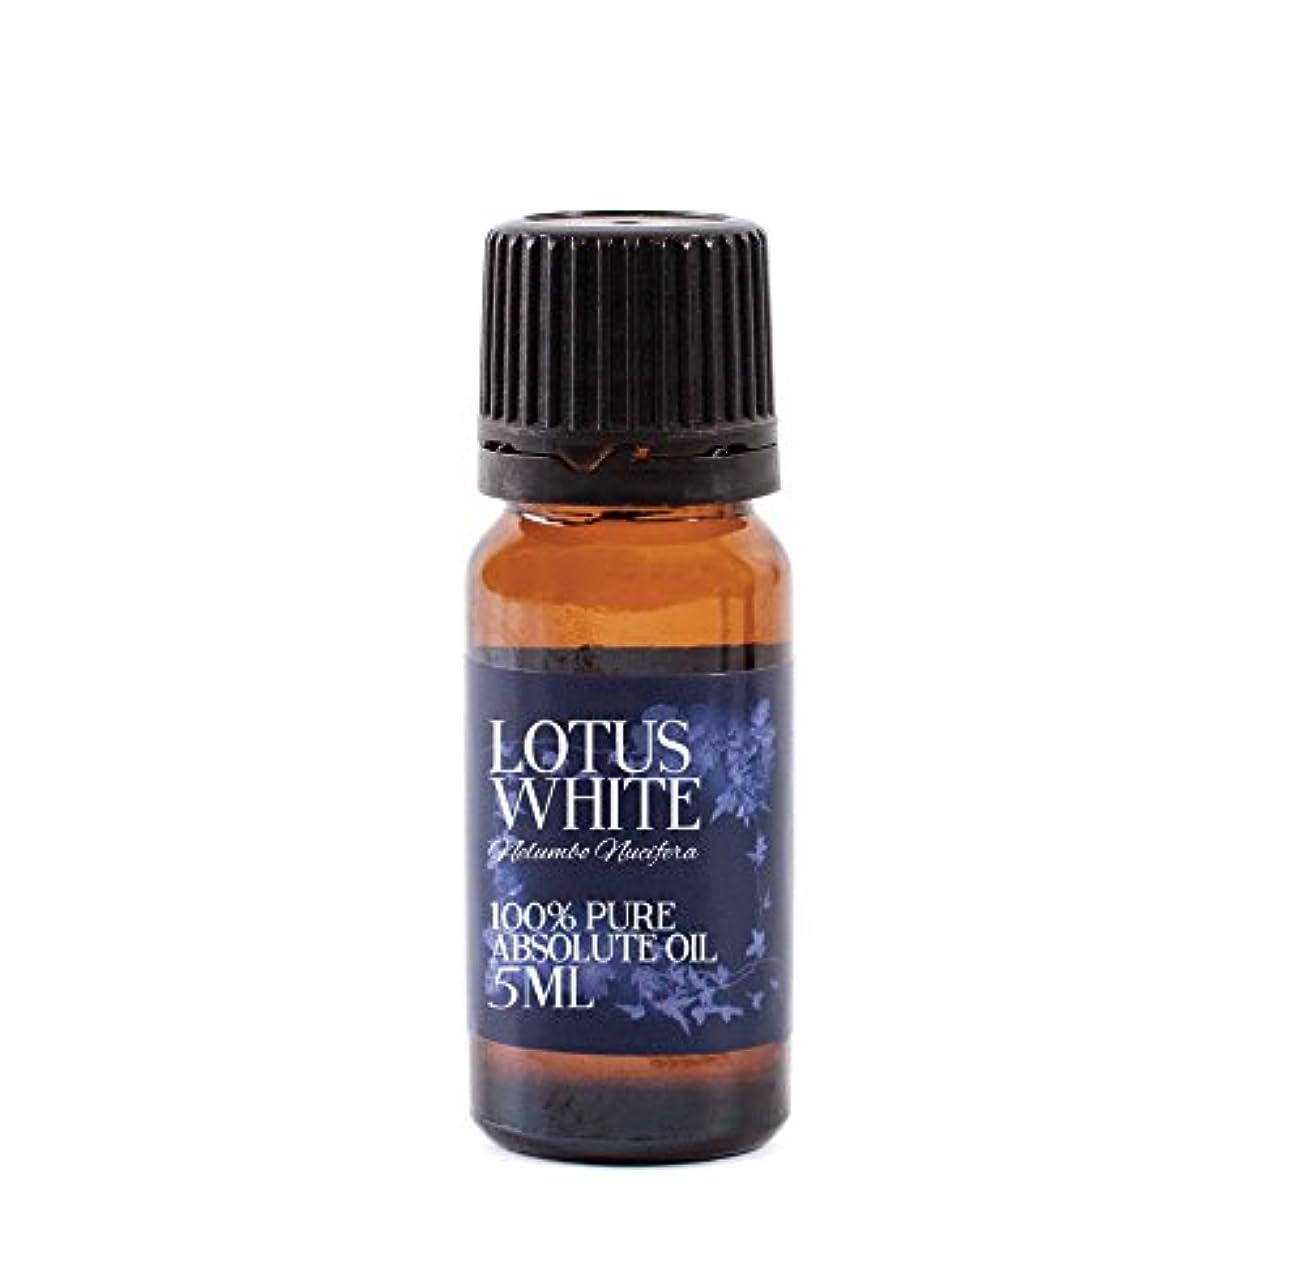 ヘクタール提供する法的Lotus White Absolute 5ml - 100% Pure